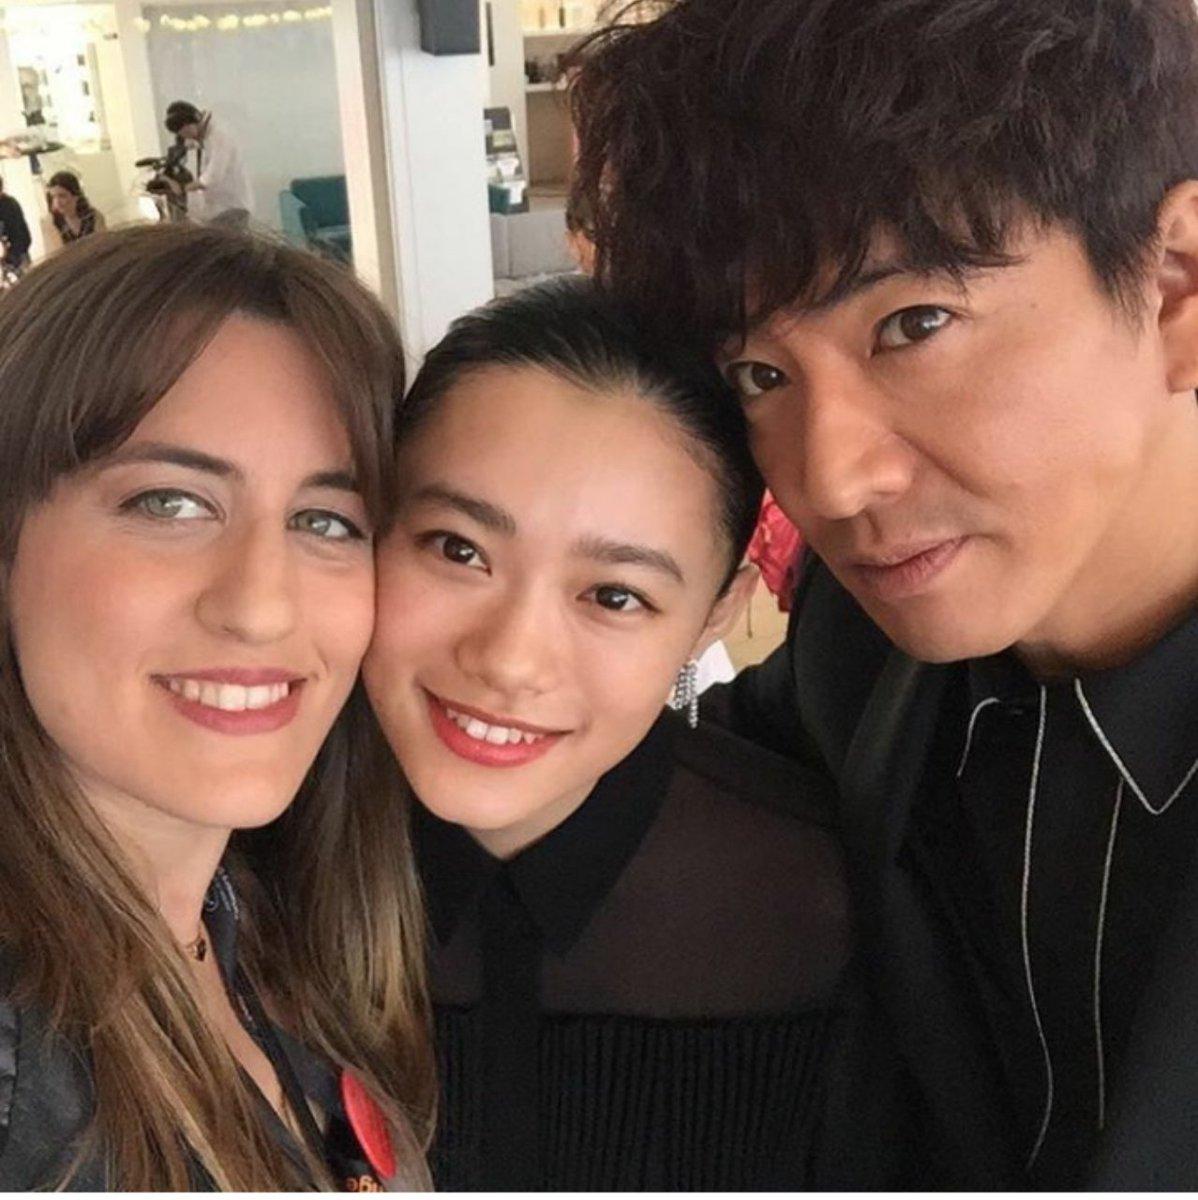 自撮りな3人ギュッと 固まってカワイイ🌼 instagram.com/p/BUZXecqBz4o/ #Cannes2017 #木村拓哉 #杉咲花